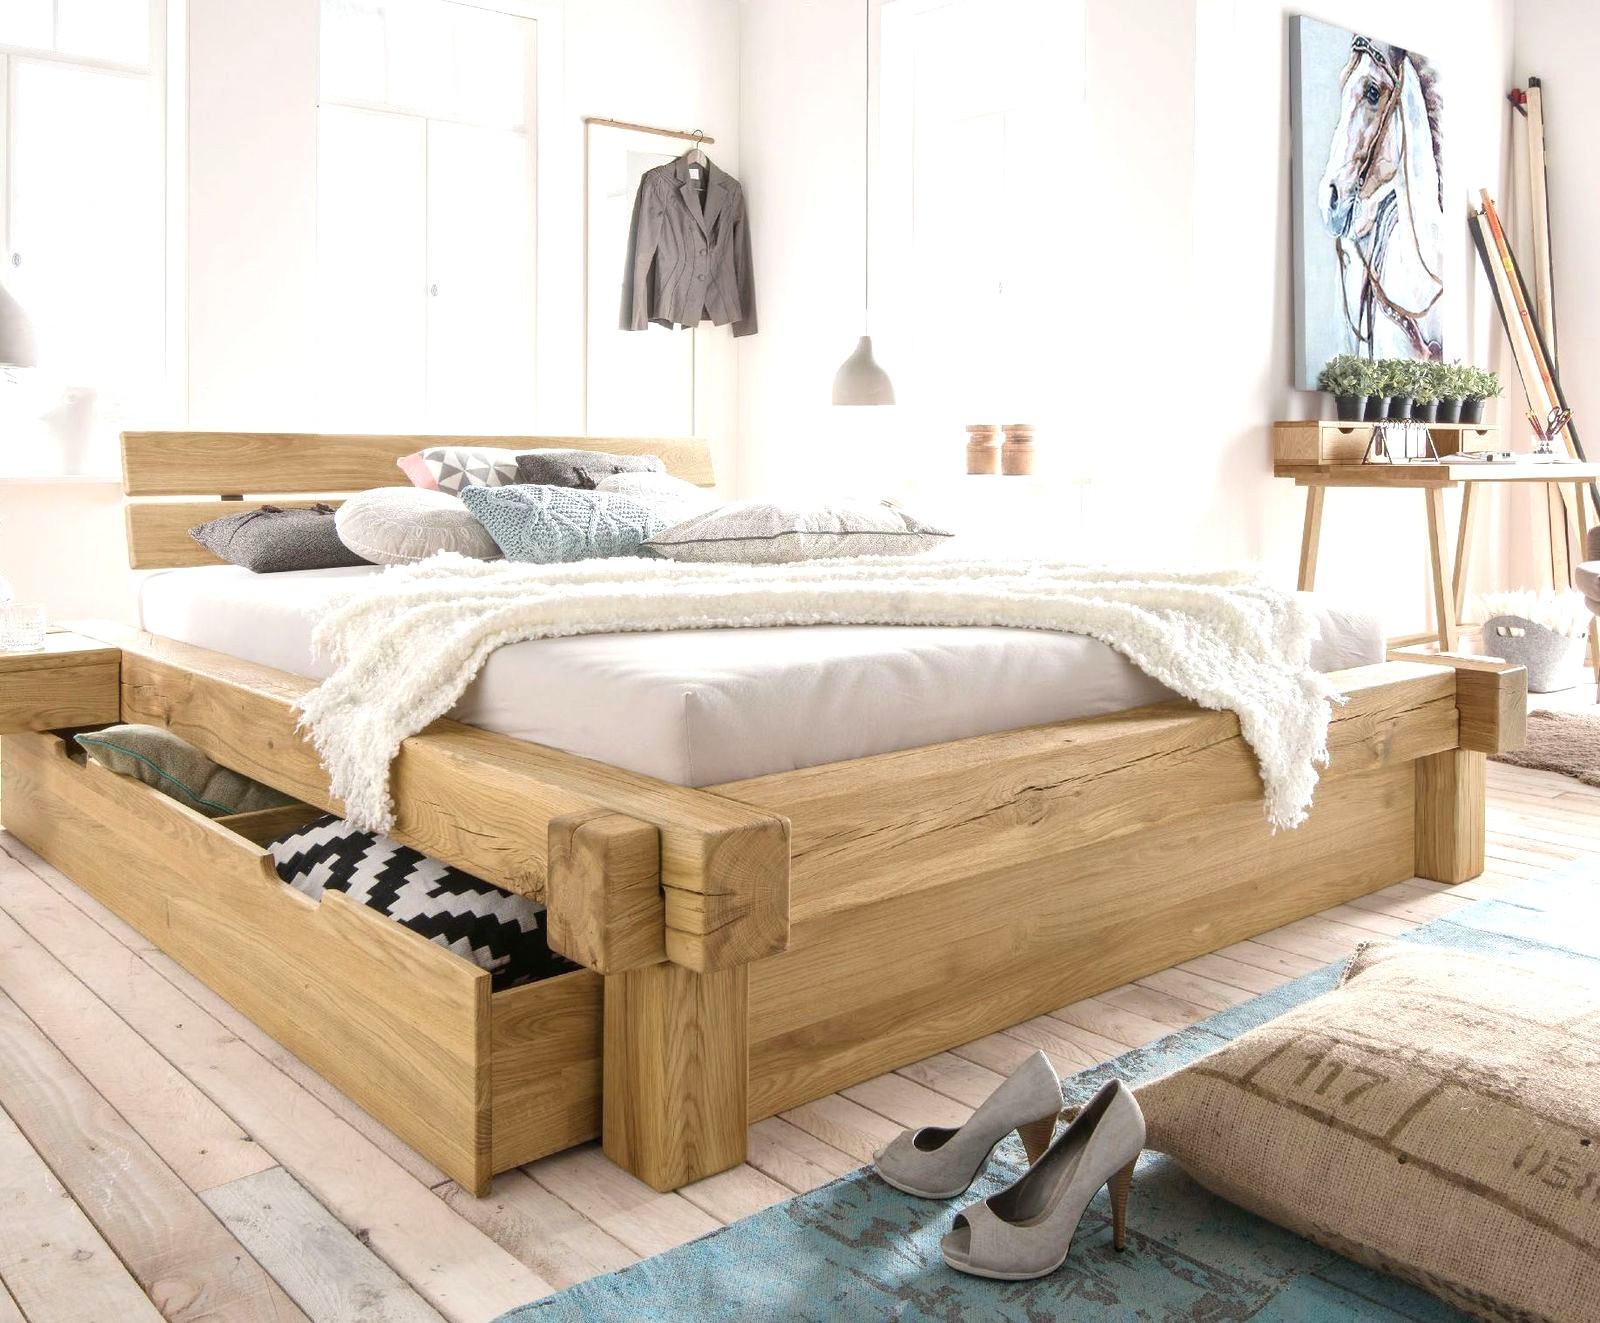 Full Size of 39 E0 Stauraum Bett 200x200 Fhrung Komforthöhe Mit Bettkasten Betten Weiß Wohnzimmer Stauraumbett 200x200